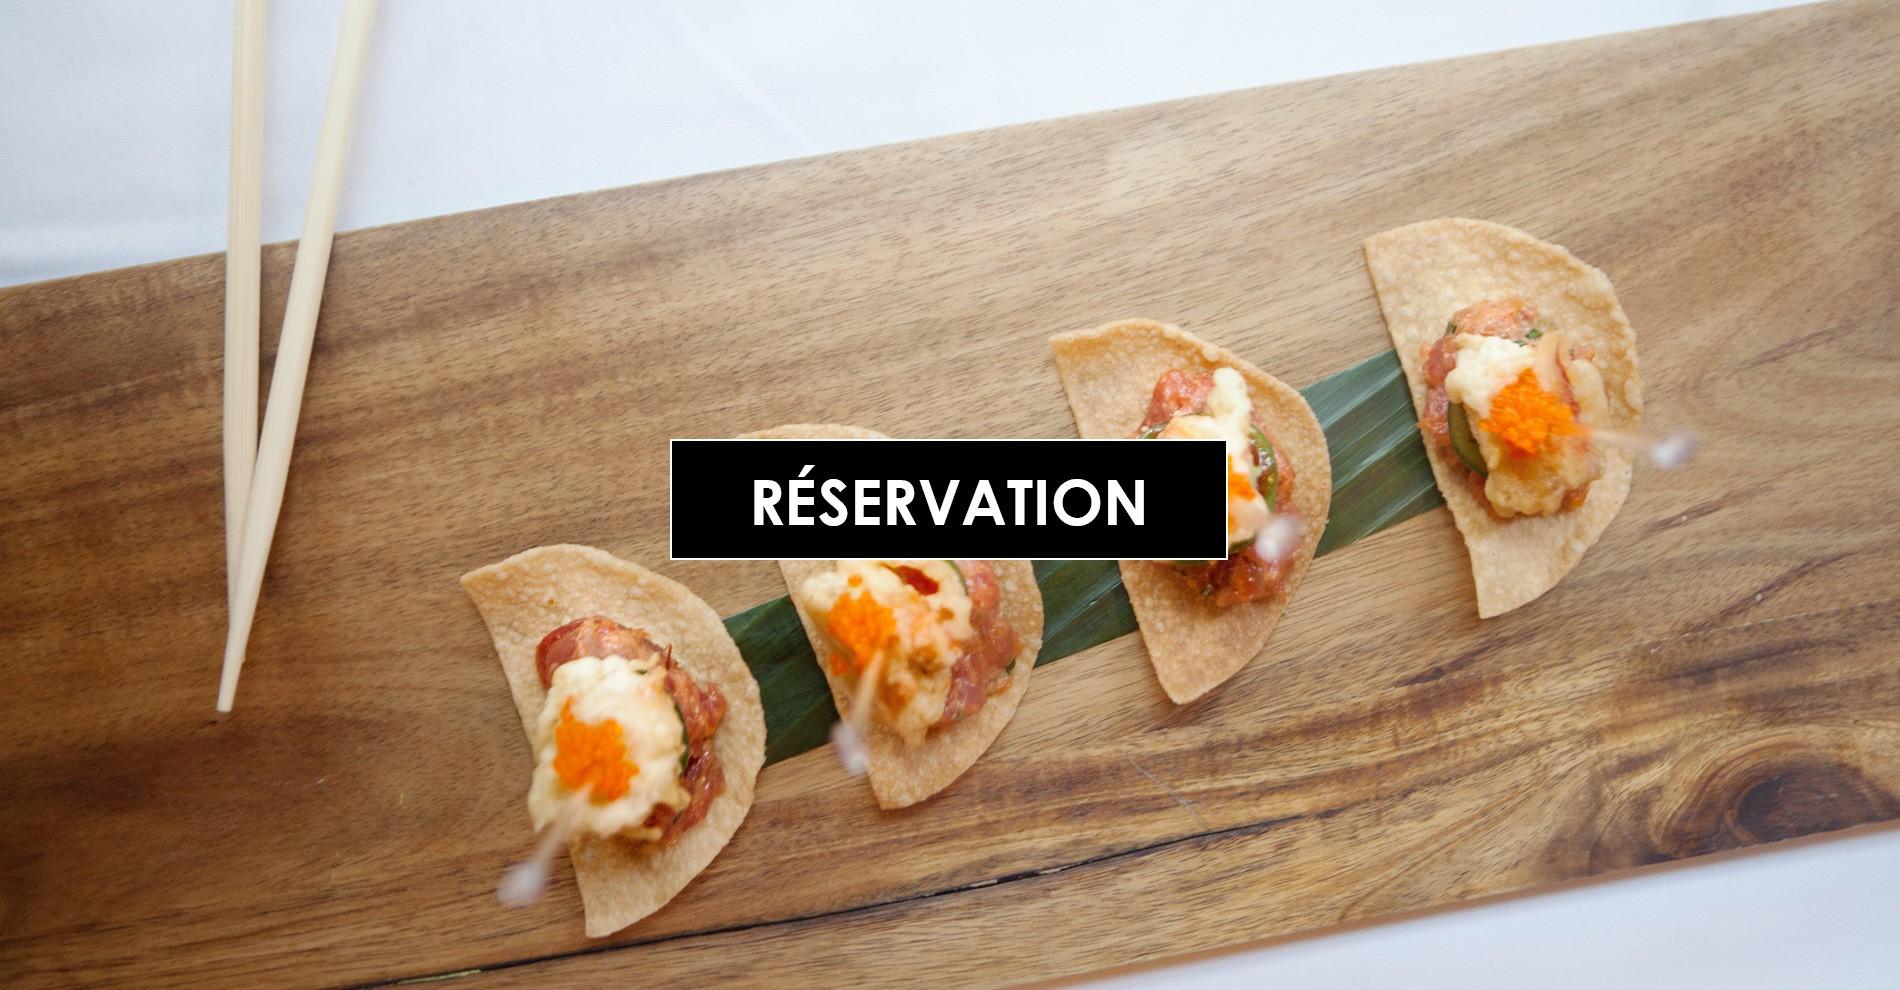 Reservation Reservation 2 Fr